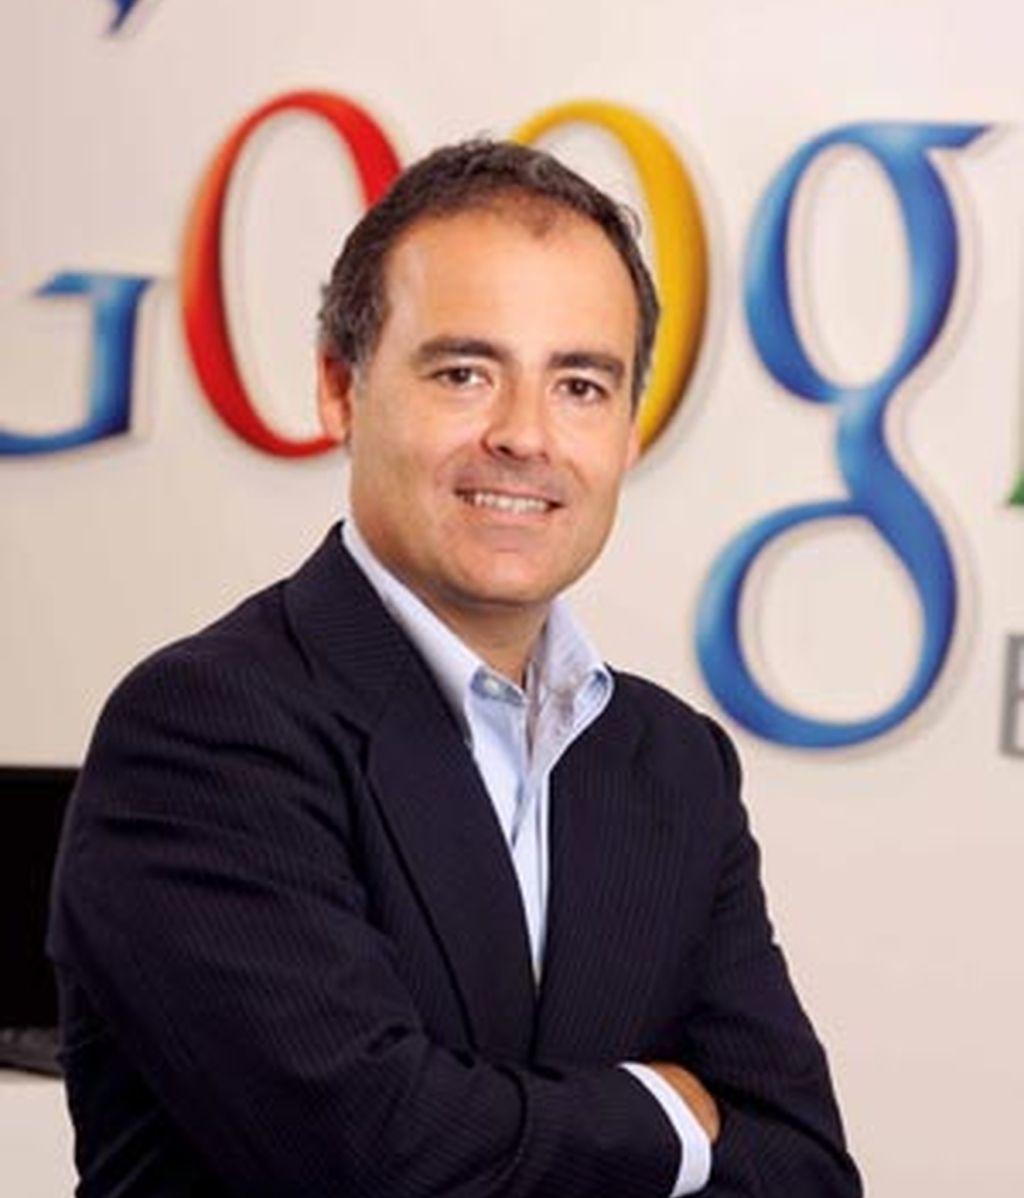 Javier Rodríguez Zapatero, director general de Google España. Foto: Google